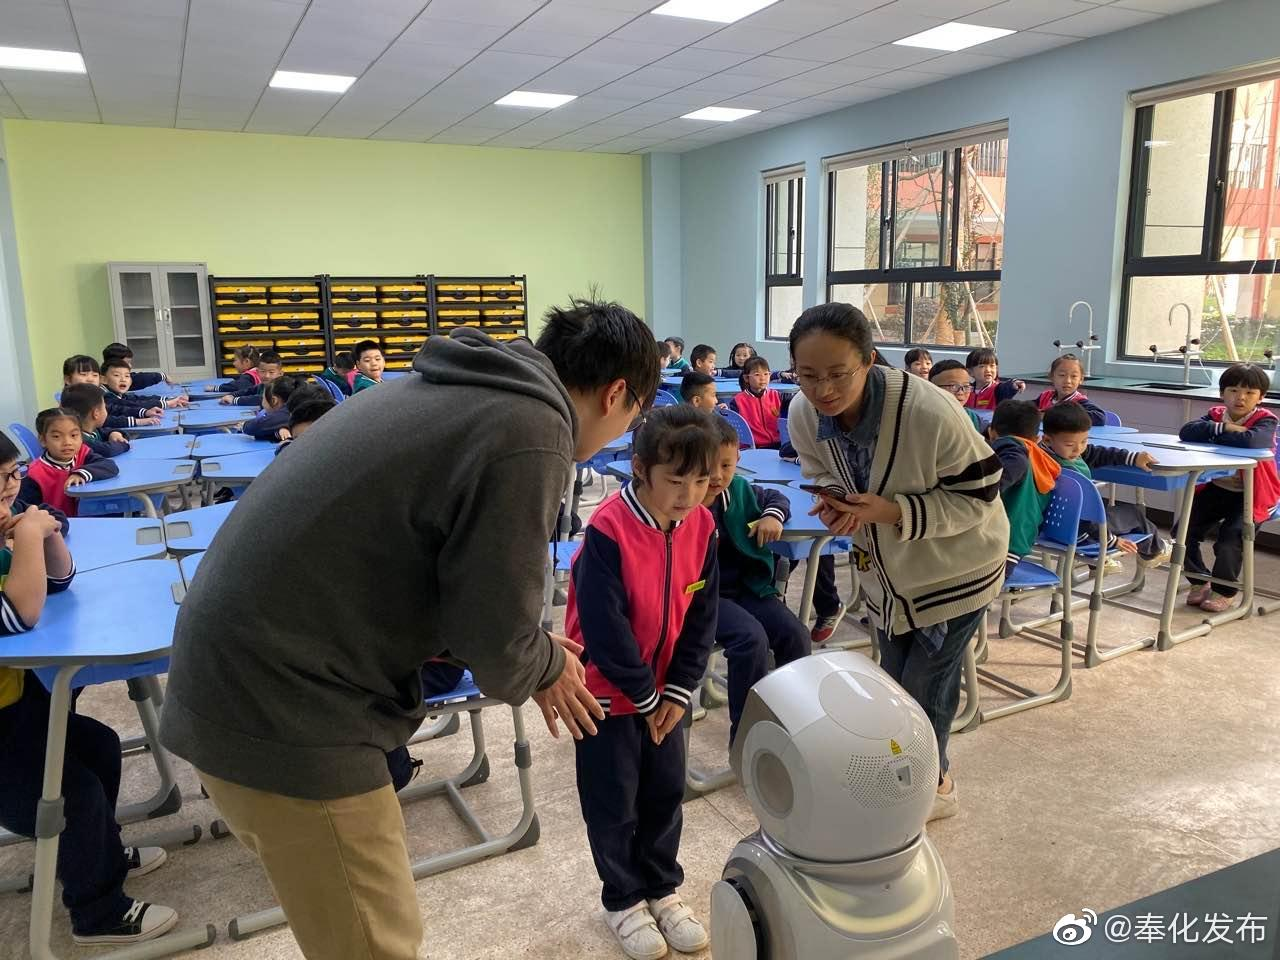 校园科技节机器人与孩子面对面